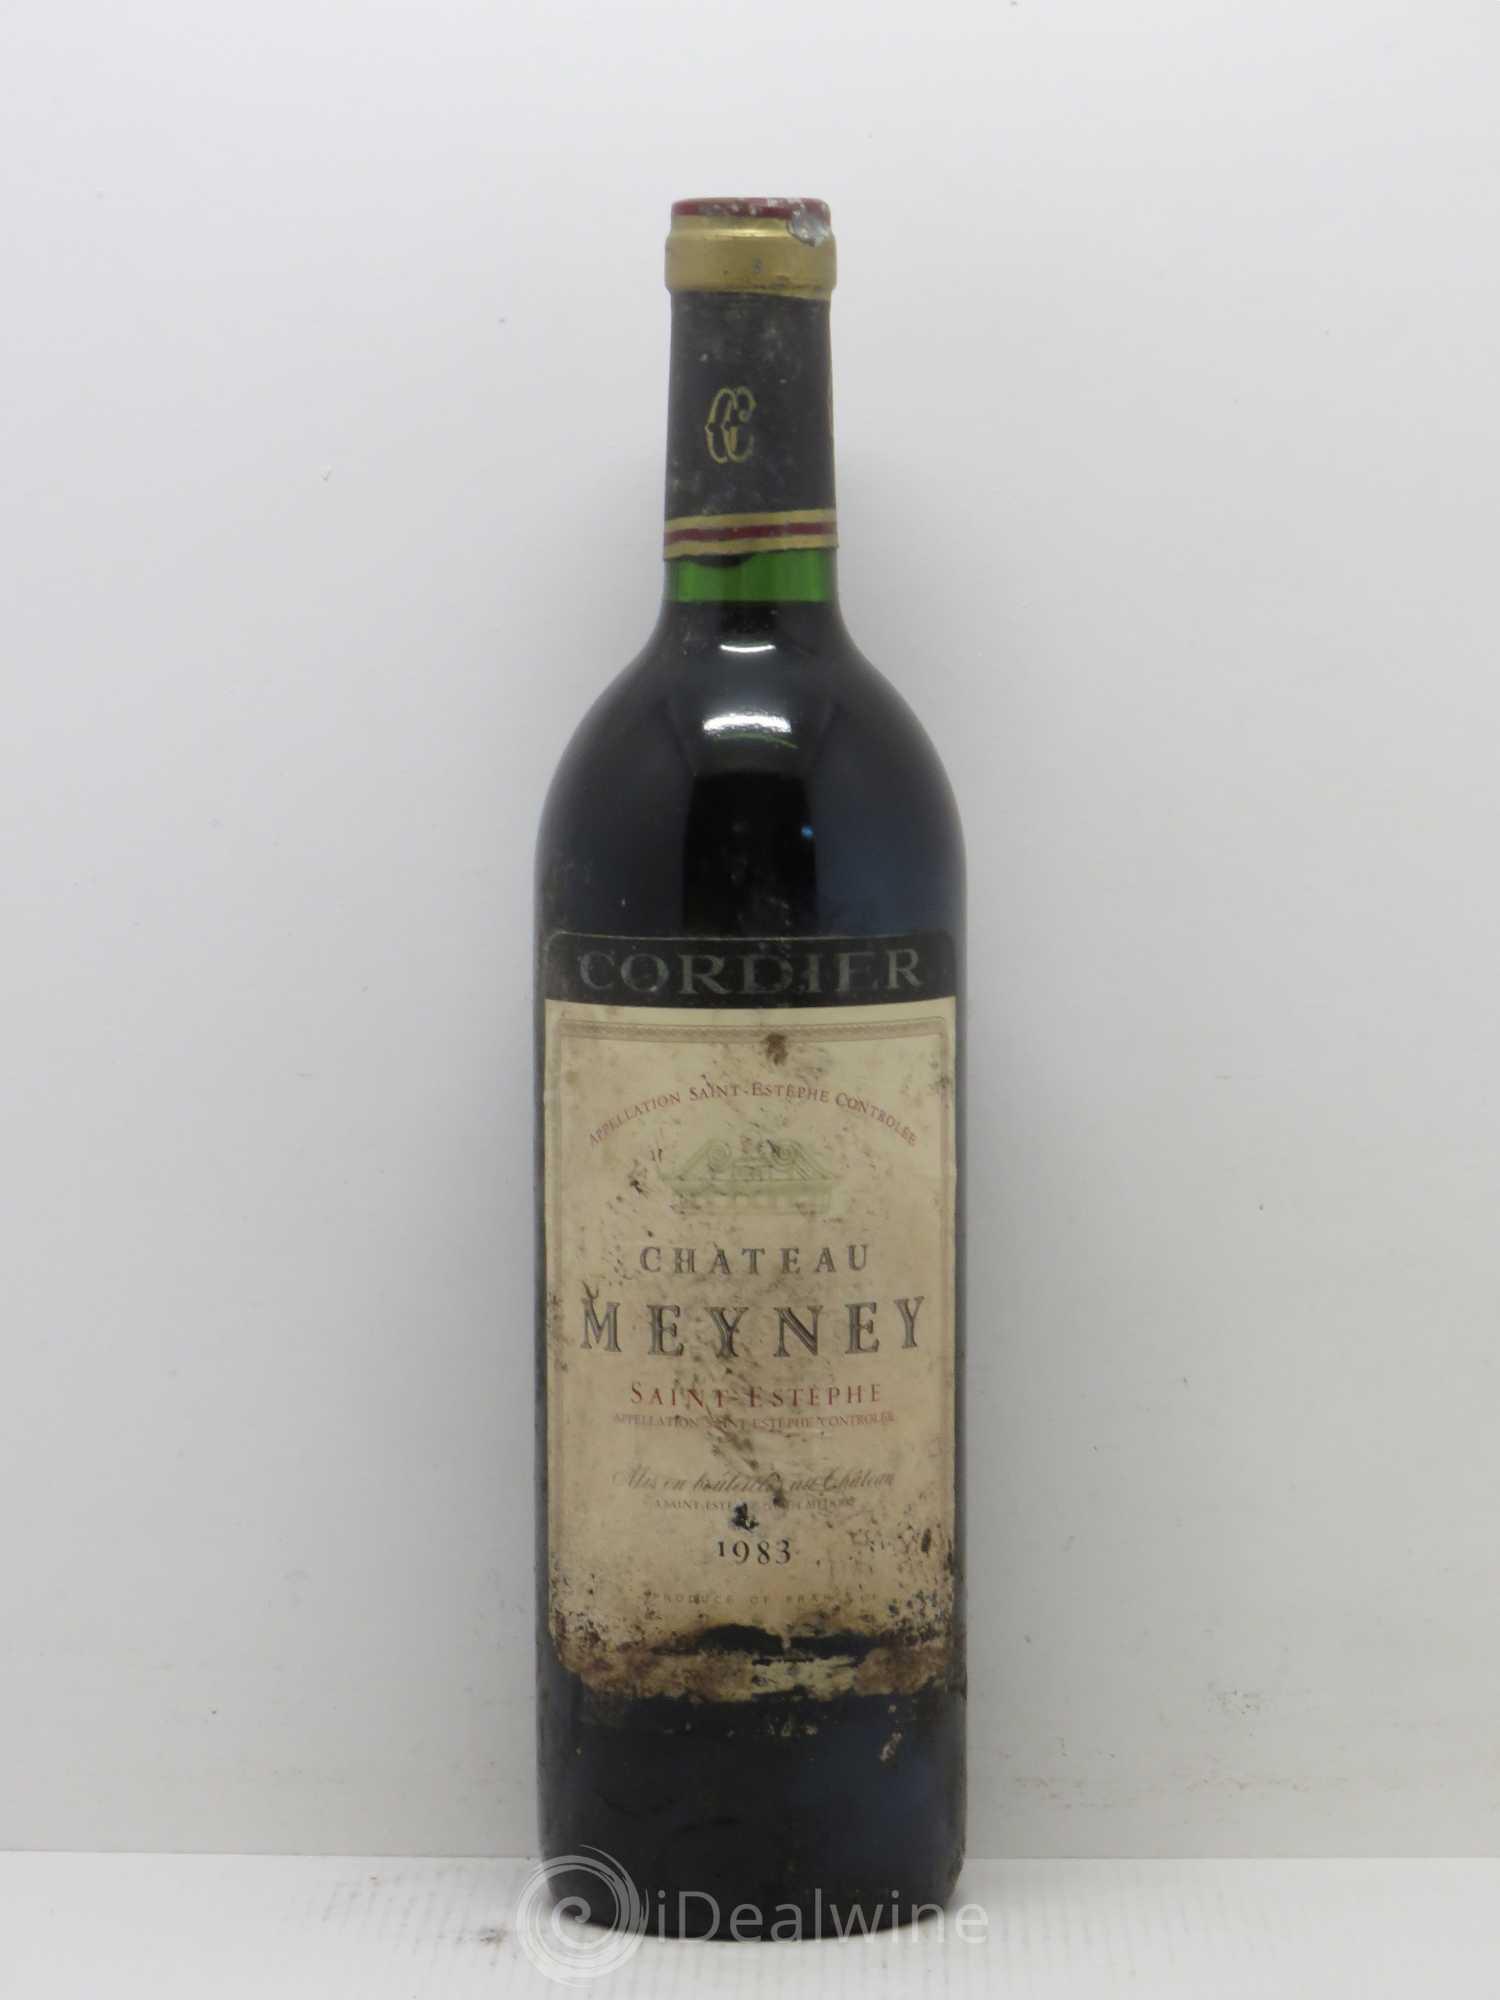 Acheter ch teau meyney cru bourgeois 1983 lot 9555 for Chateau meyney